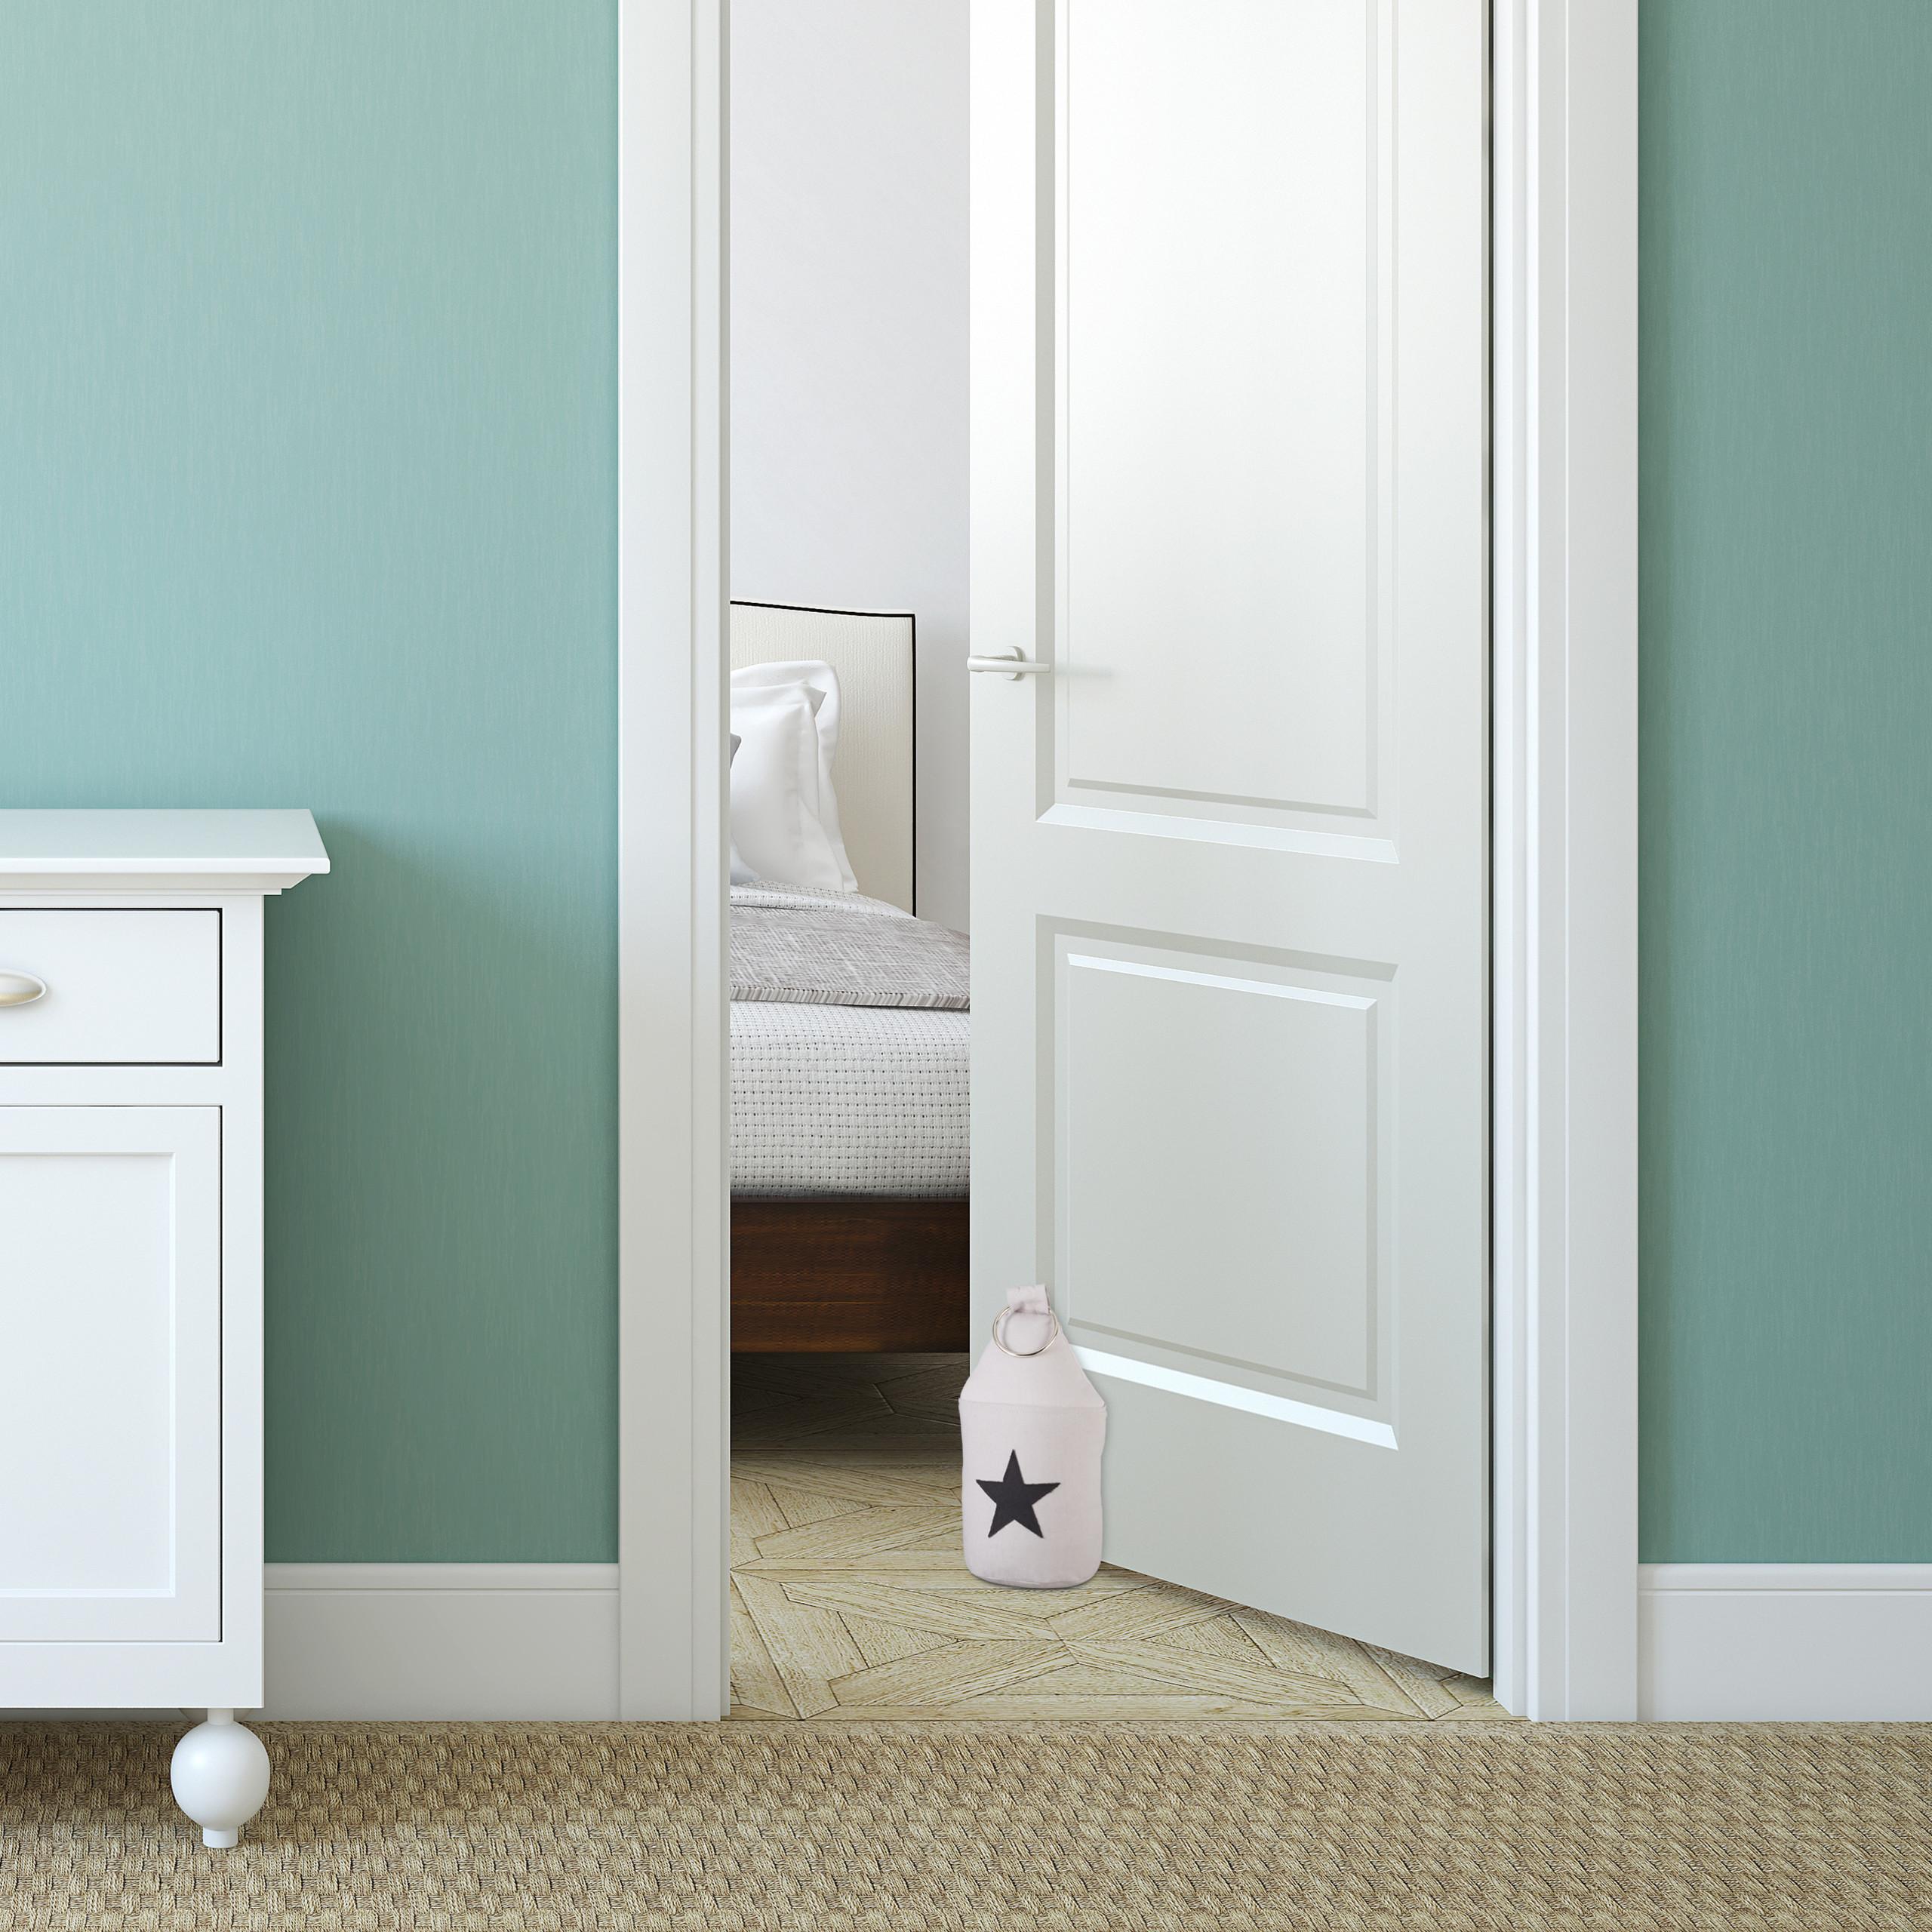 Door-Stop-with-Star-Fabric-Bumper-Floor-Doorstop-Tall-with-Handle-Chic thumbnail 11